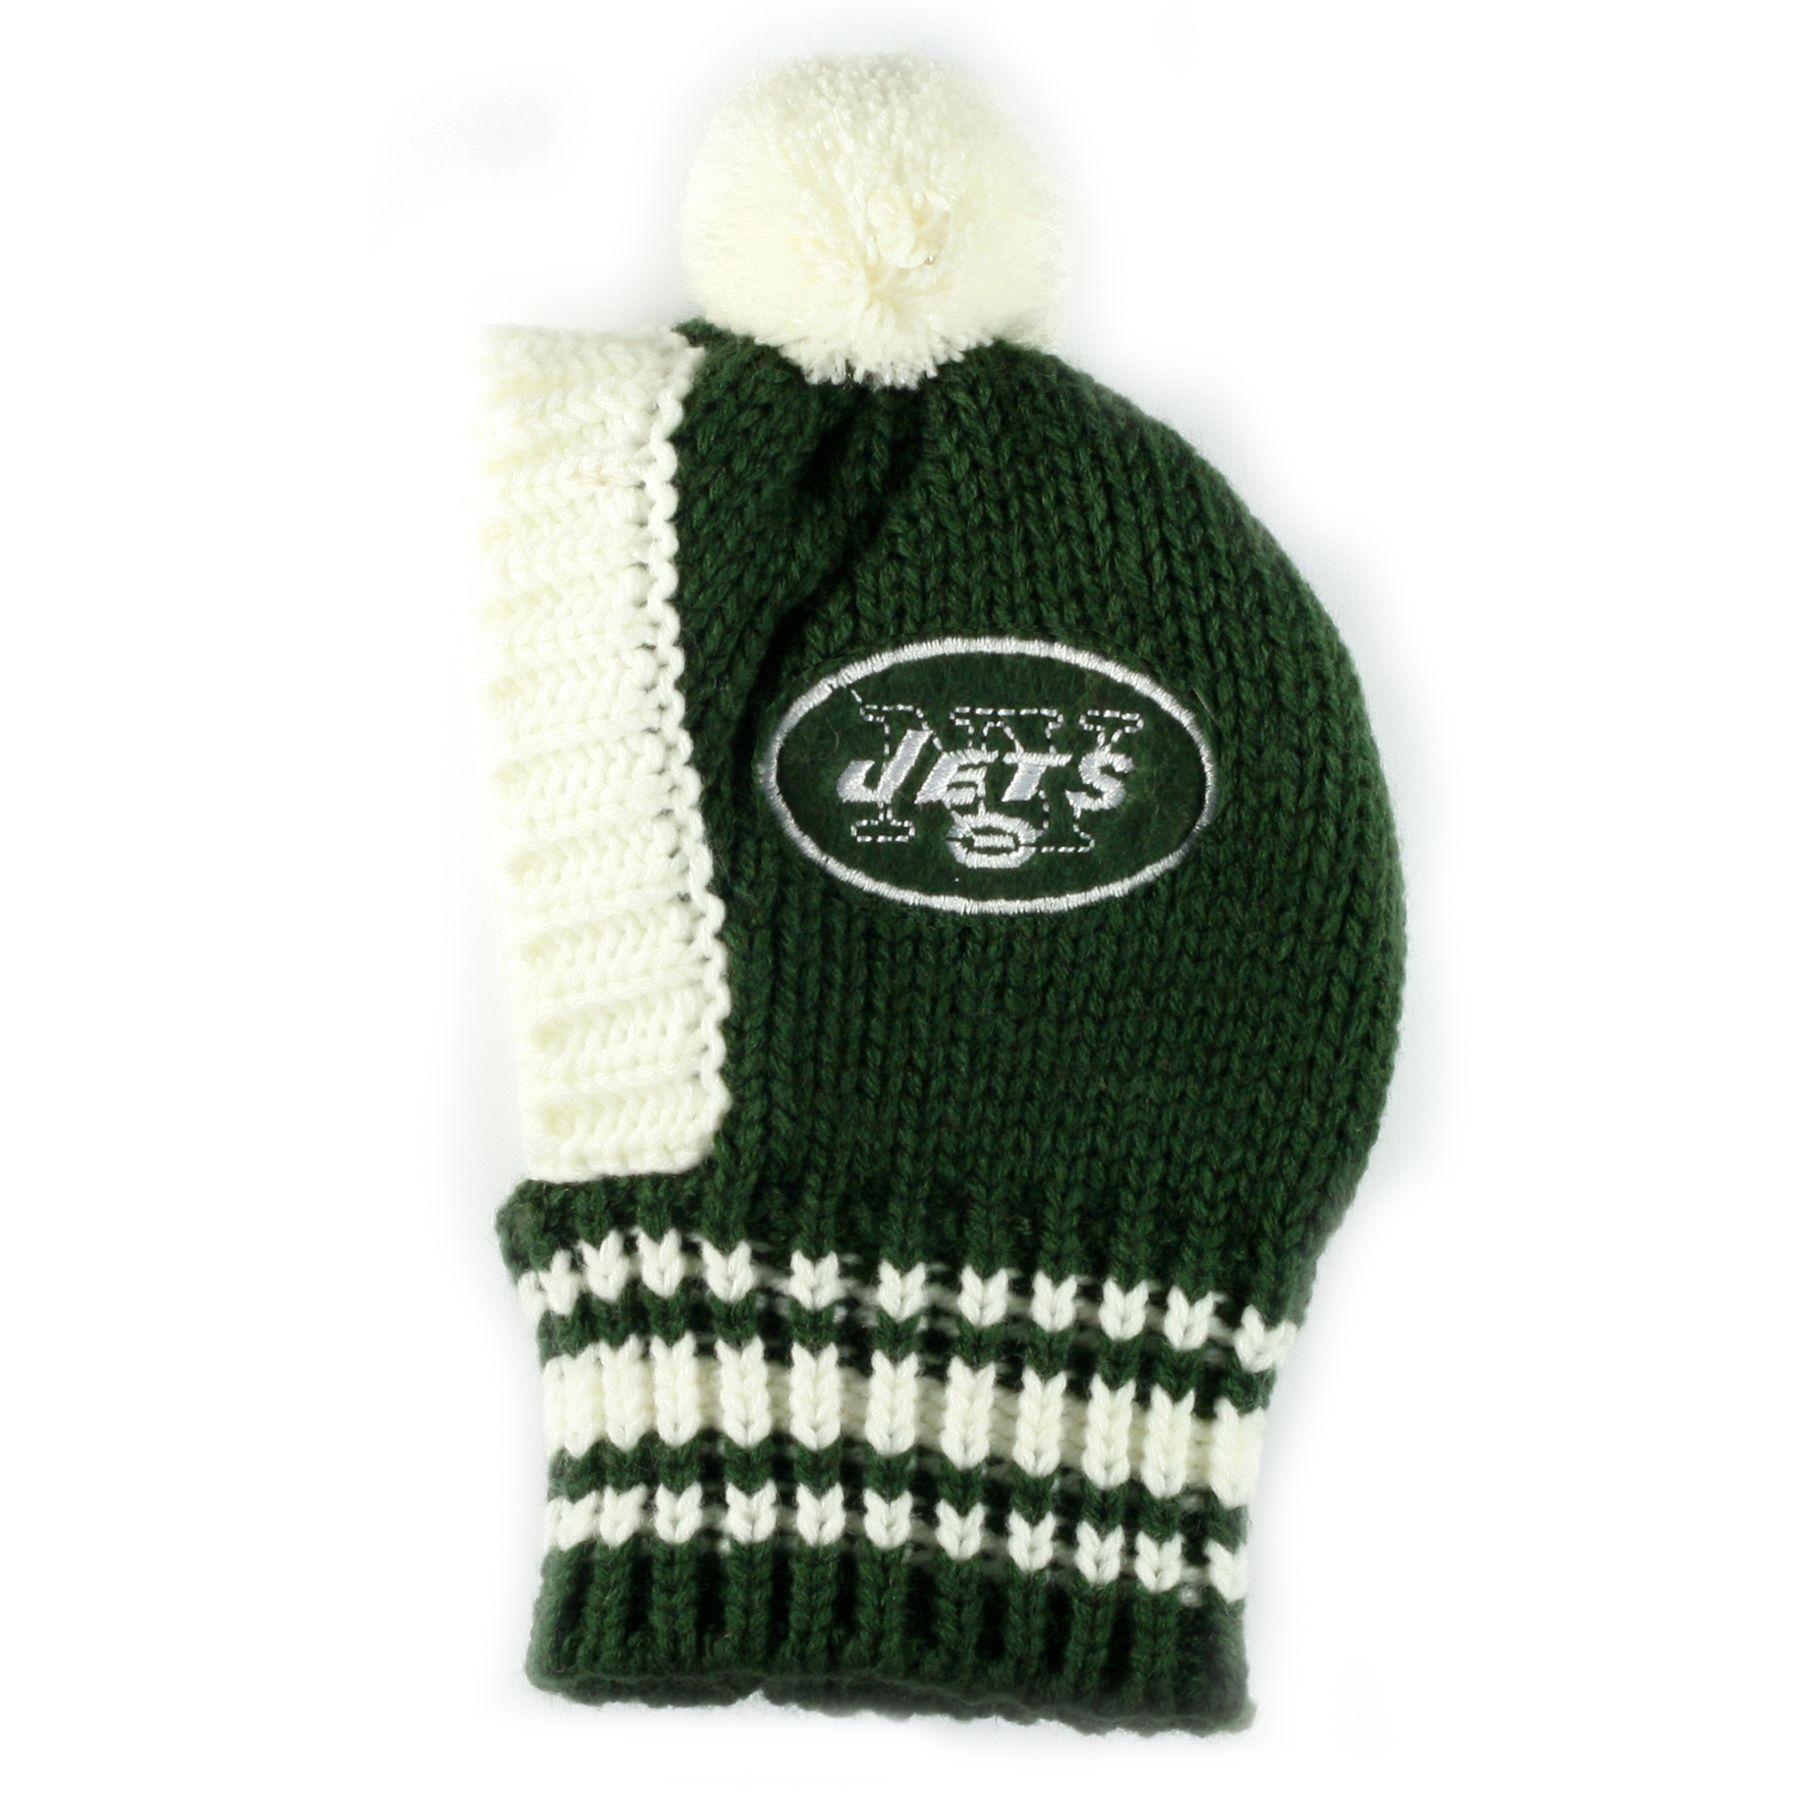 New York Jets NFL Knit Hat 5244320